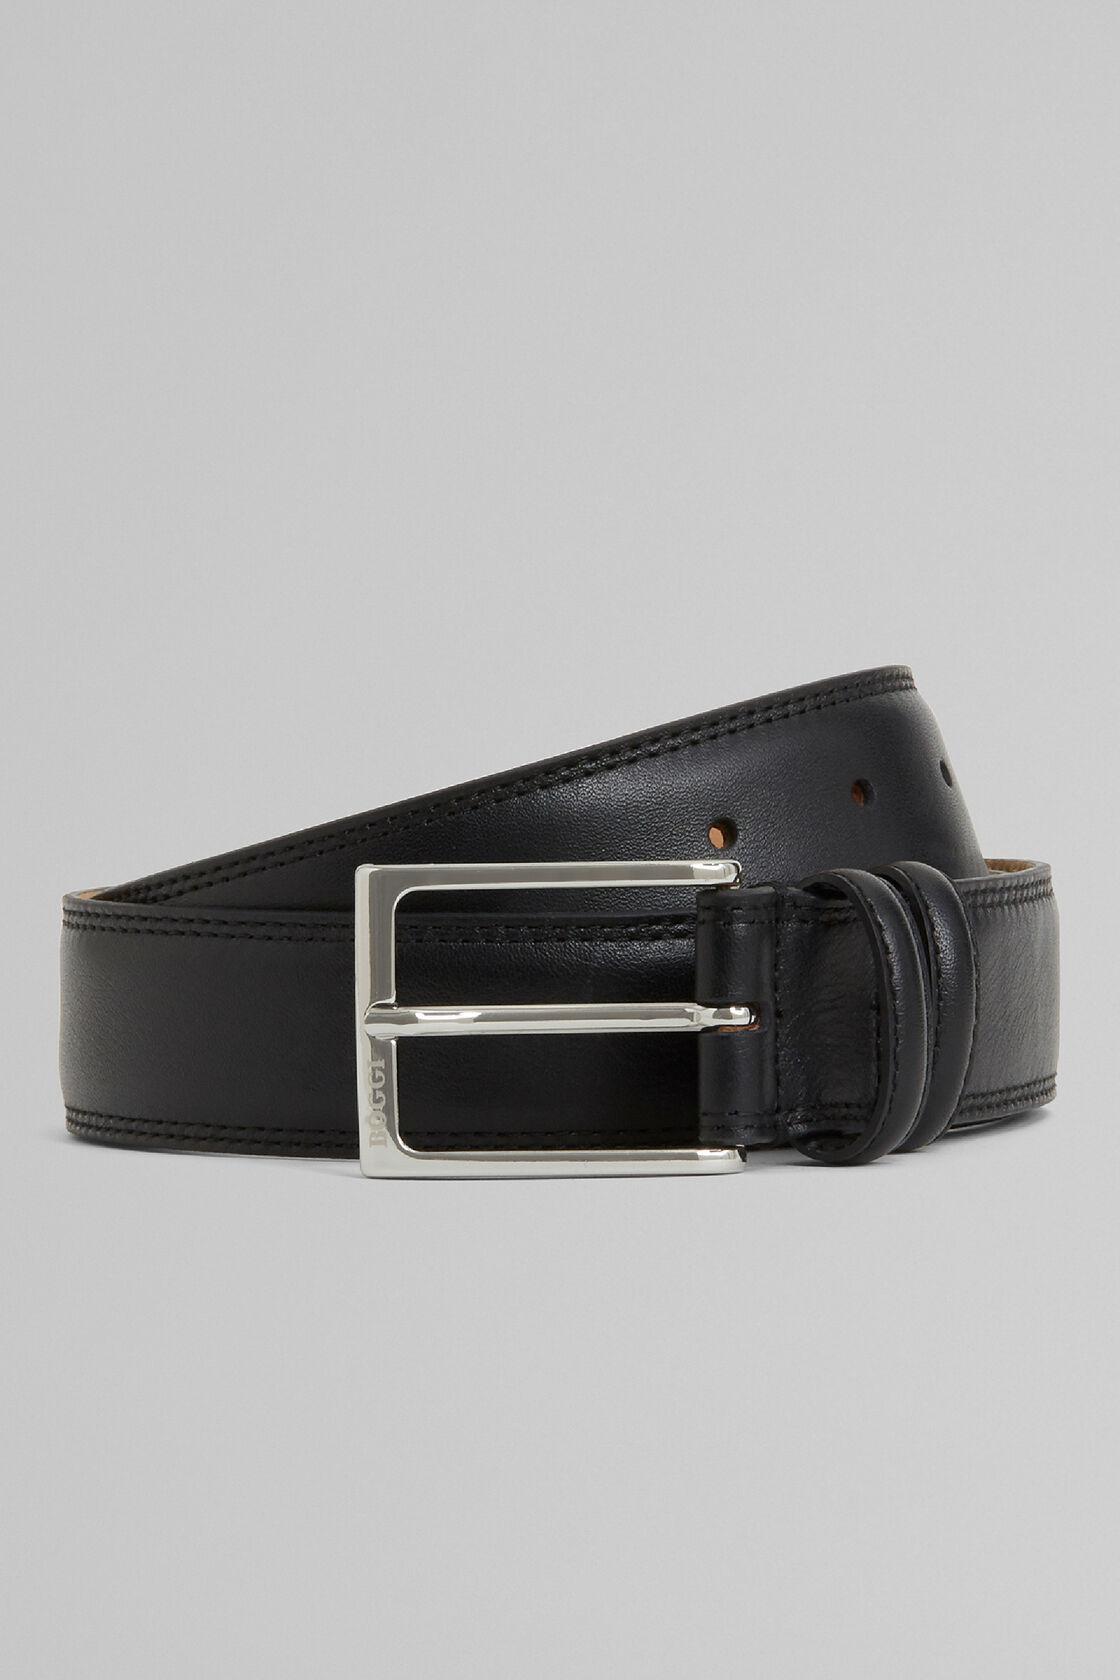 Cintura In Pelle Con Grana E Doppia Impuntura, Nero, hi-res